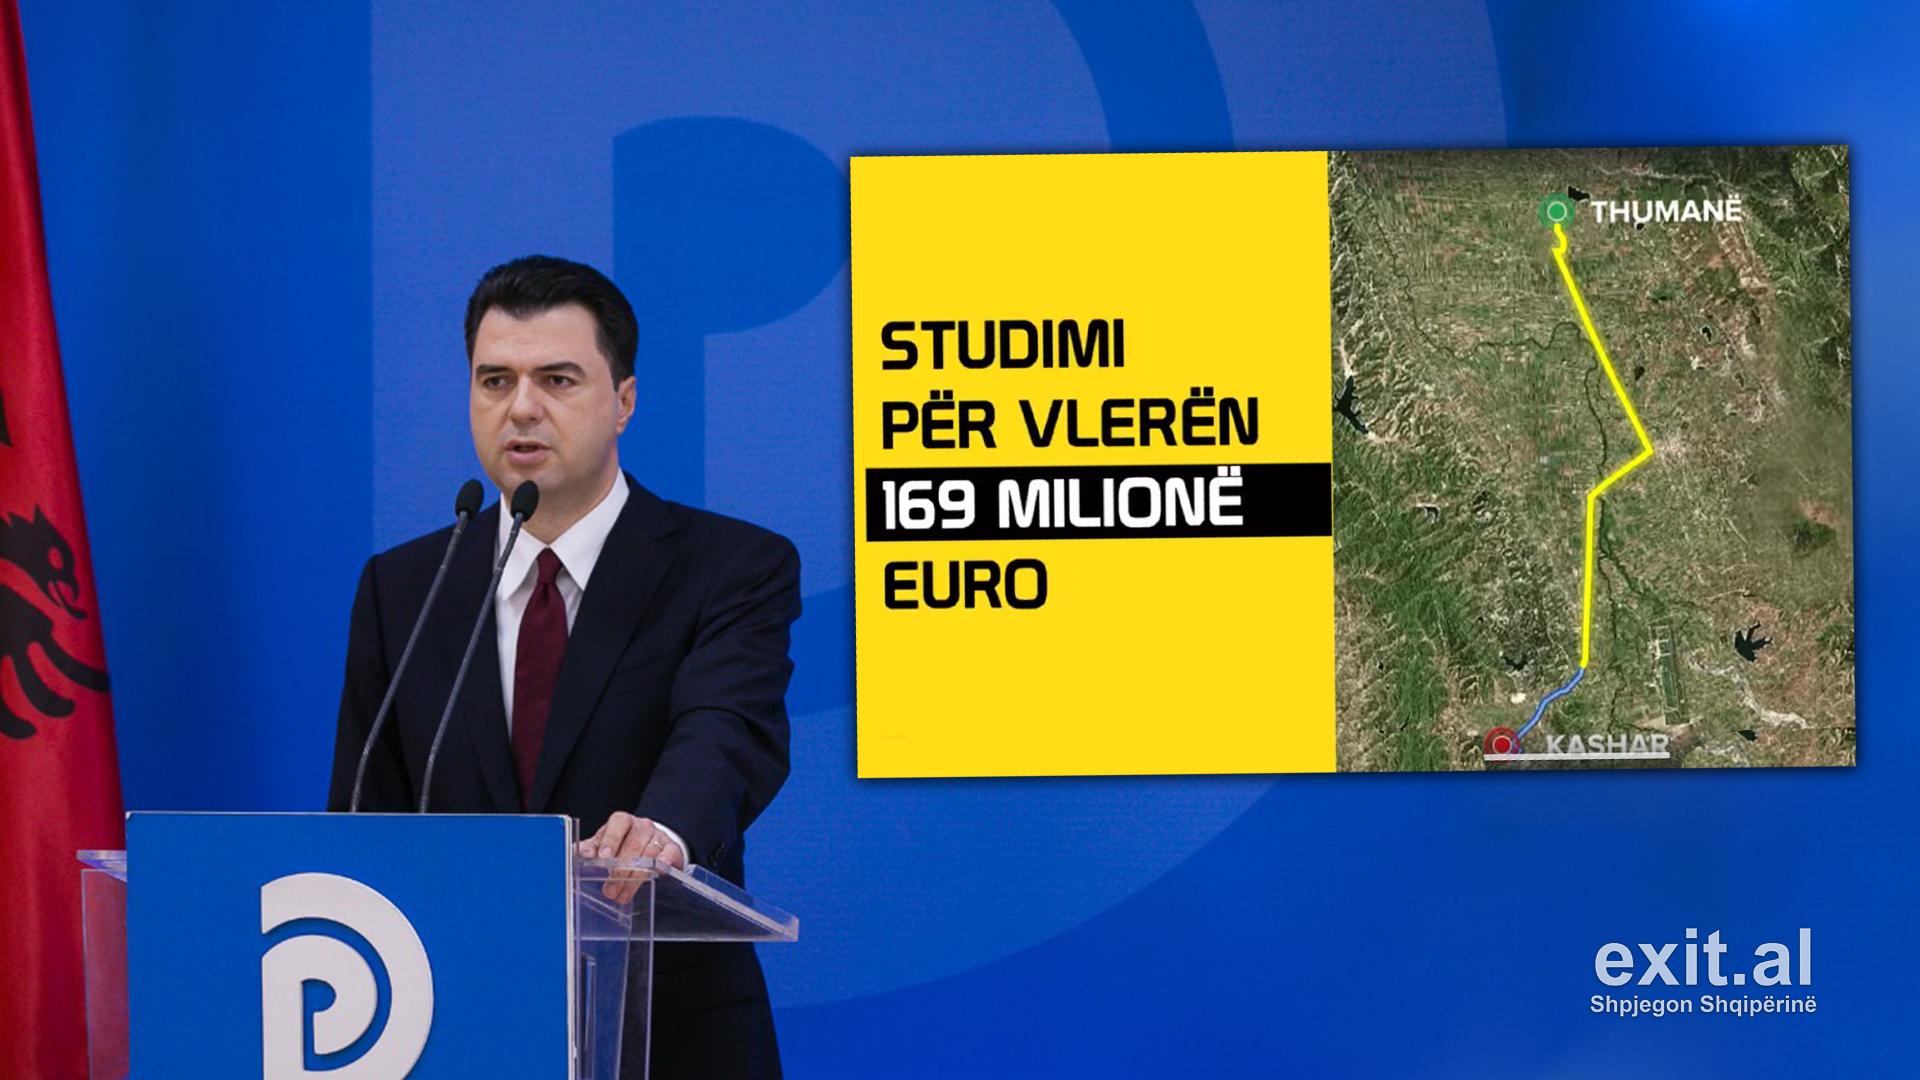 Basha, shqiptarët paguajnë 333 milionë euro për 20 kilometra rrugë